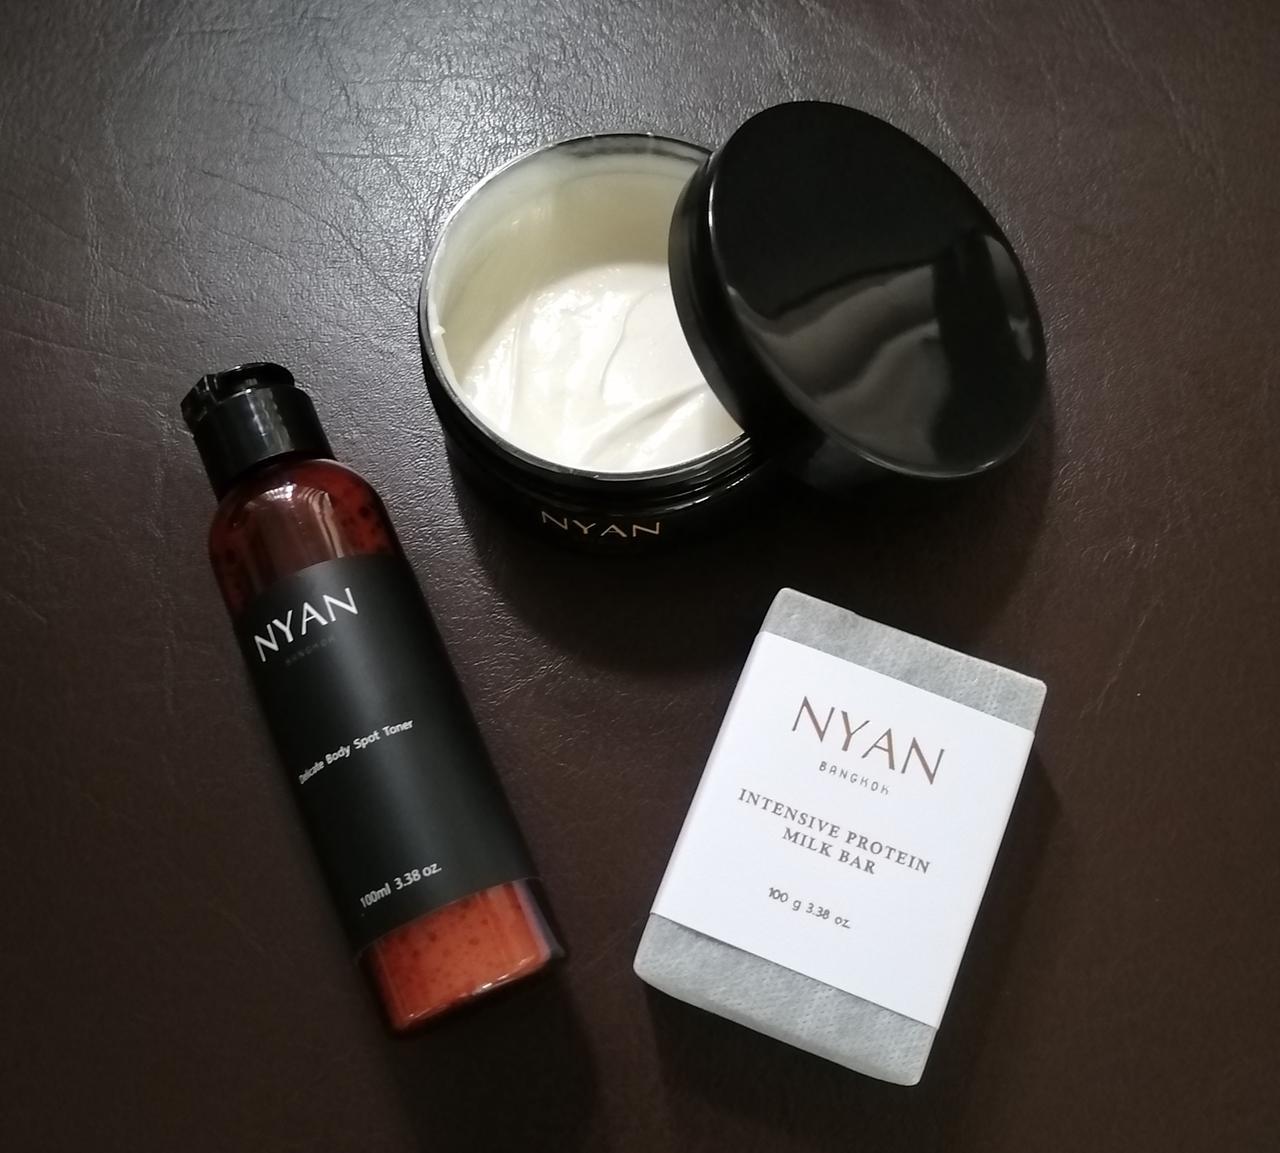 画像: タイのオーガニックケアブランド「NYAN」製品